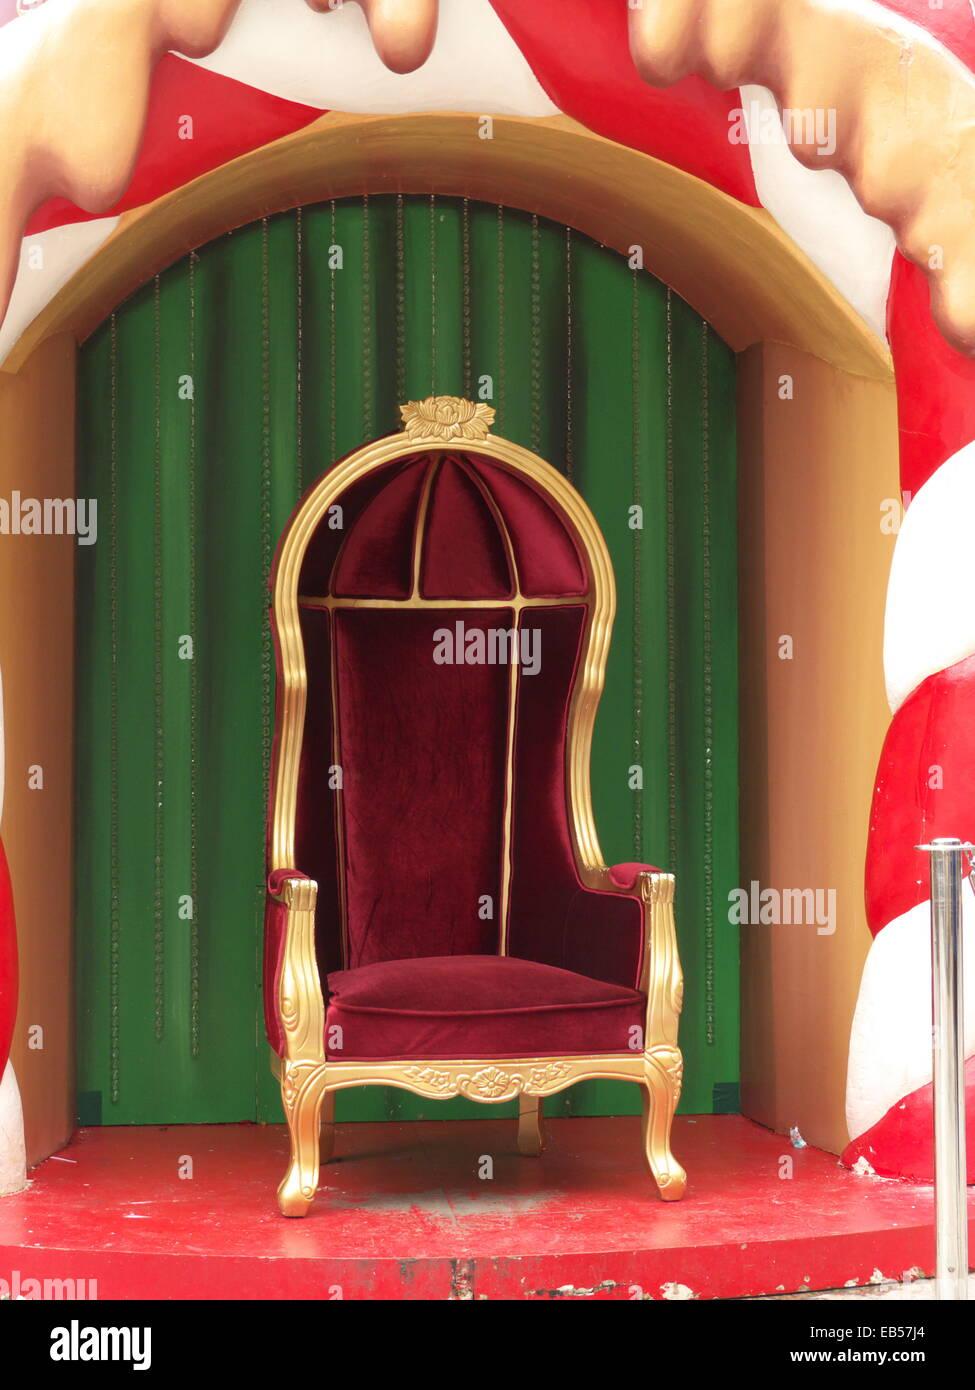 Royal King Chair - Stock Image